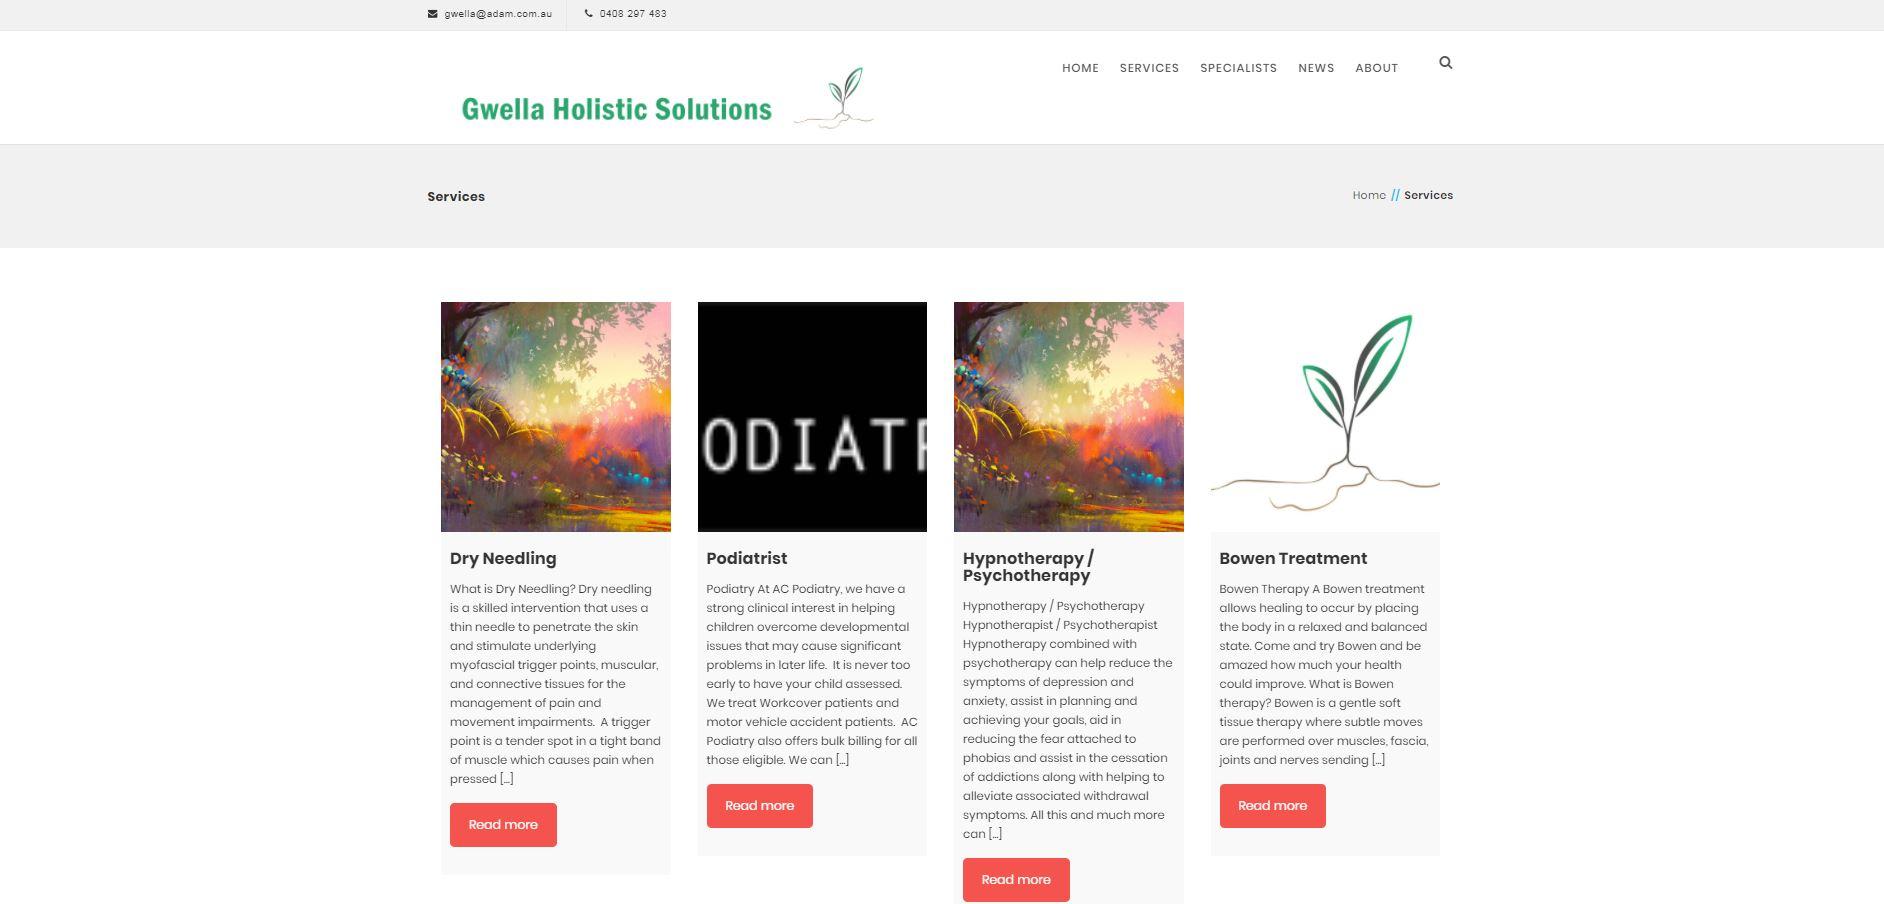 Gwella Holistic Solutions